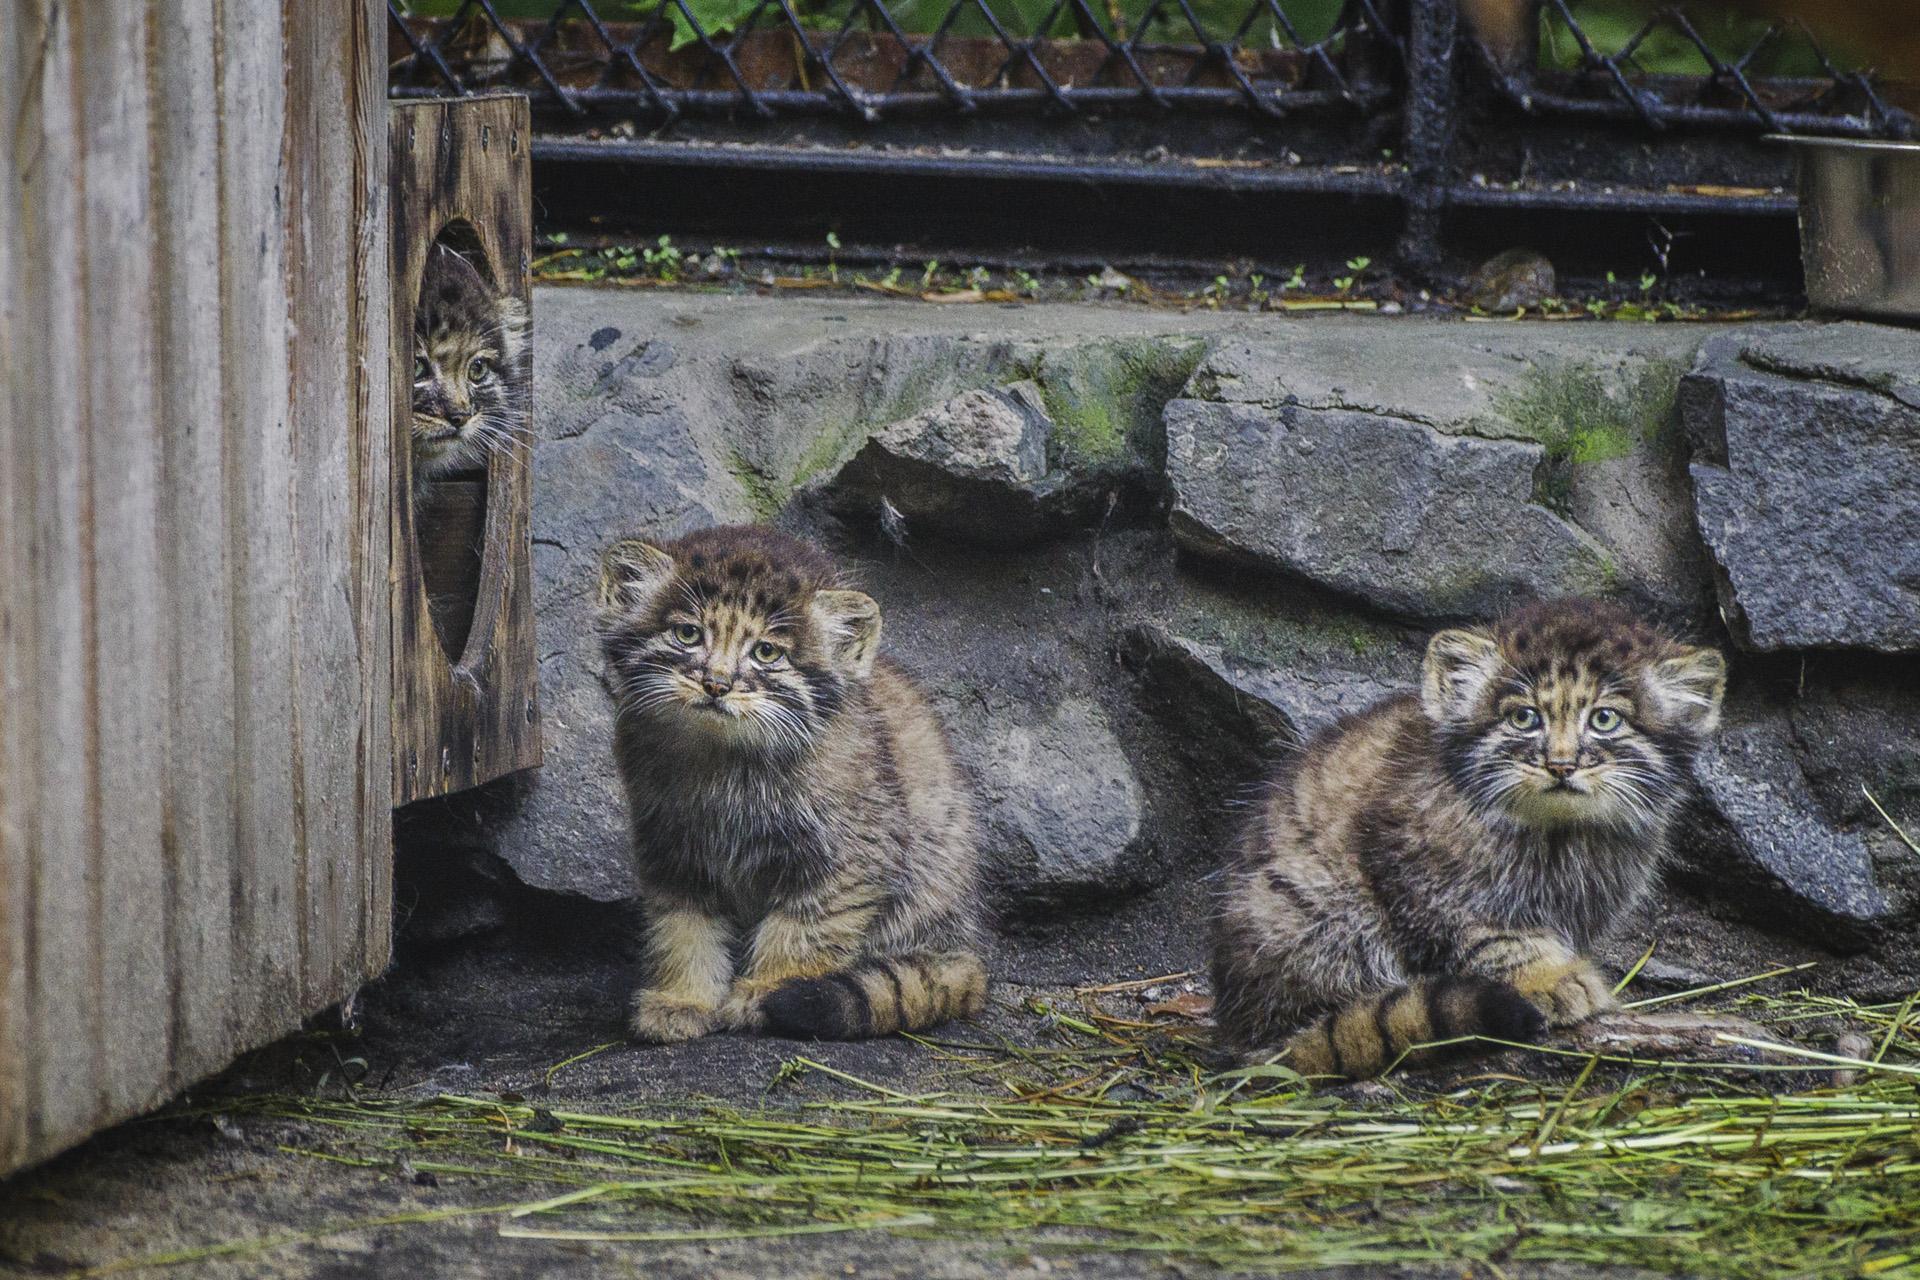 Удивительная история манулов из Новосибирска — хищников, которых выкормила домашняя кошка манулов, Новосибирска, котят, зоопарка, зоопарке, семейство, малышей, кошка, часов, период, хищников, сразу, родила, несколько, всего, младенчества, сейчас, рассказывают, очень, которые